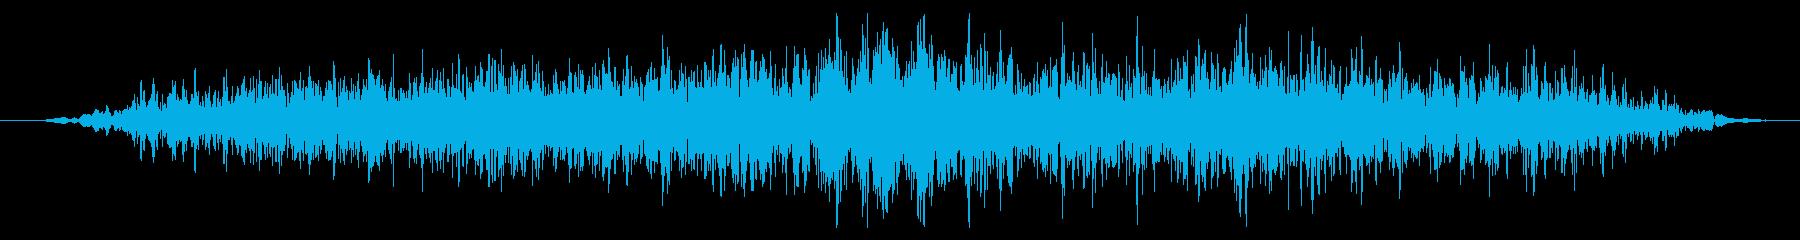 ワーム モンスター ゲーム スキルの再生済みの波形